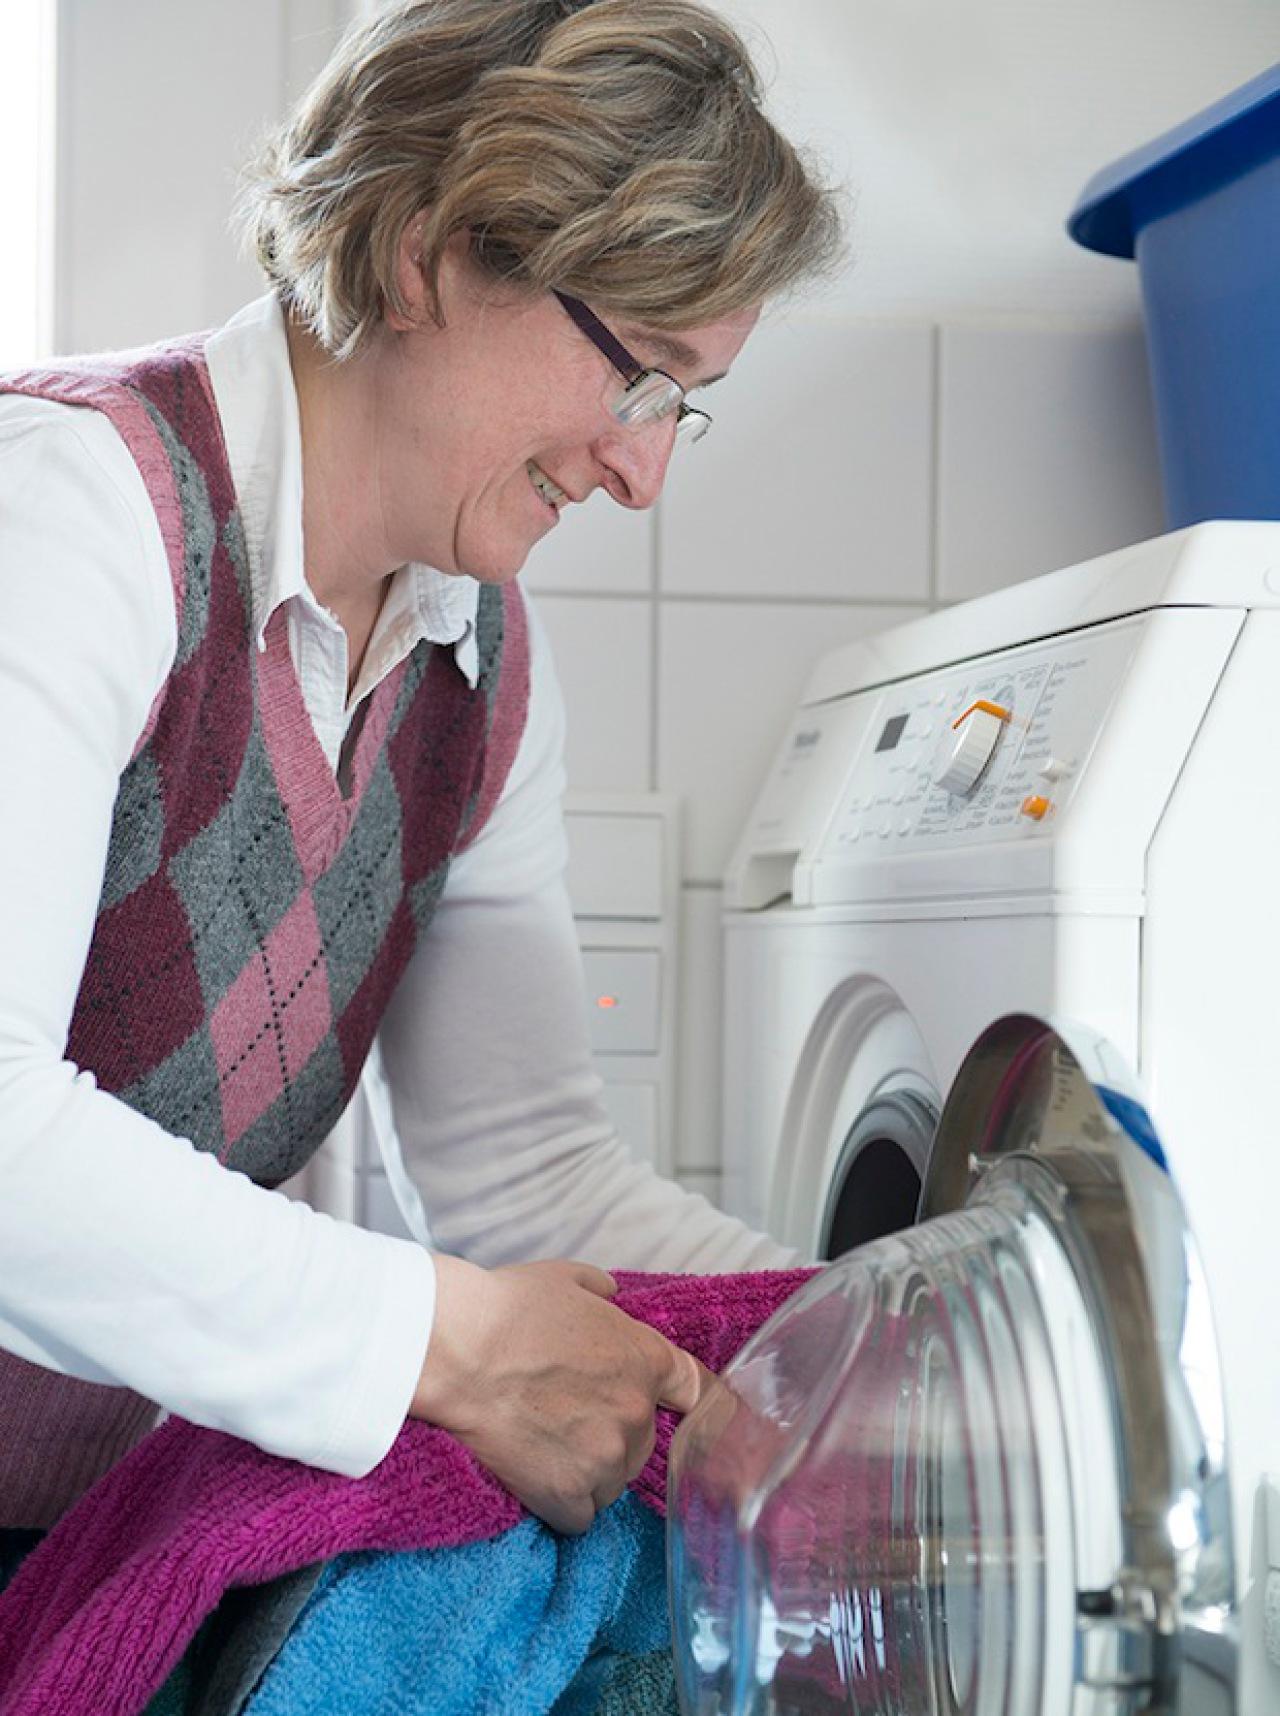 waschmaschine bitte nicht zu voll haus haushalt landleben wochenblatt f r landwirtschaft. Black Bedroom Furniture Sets. Home Design Ideas